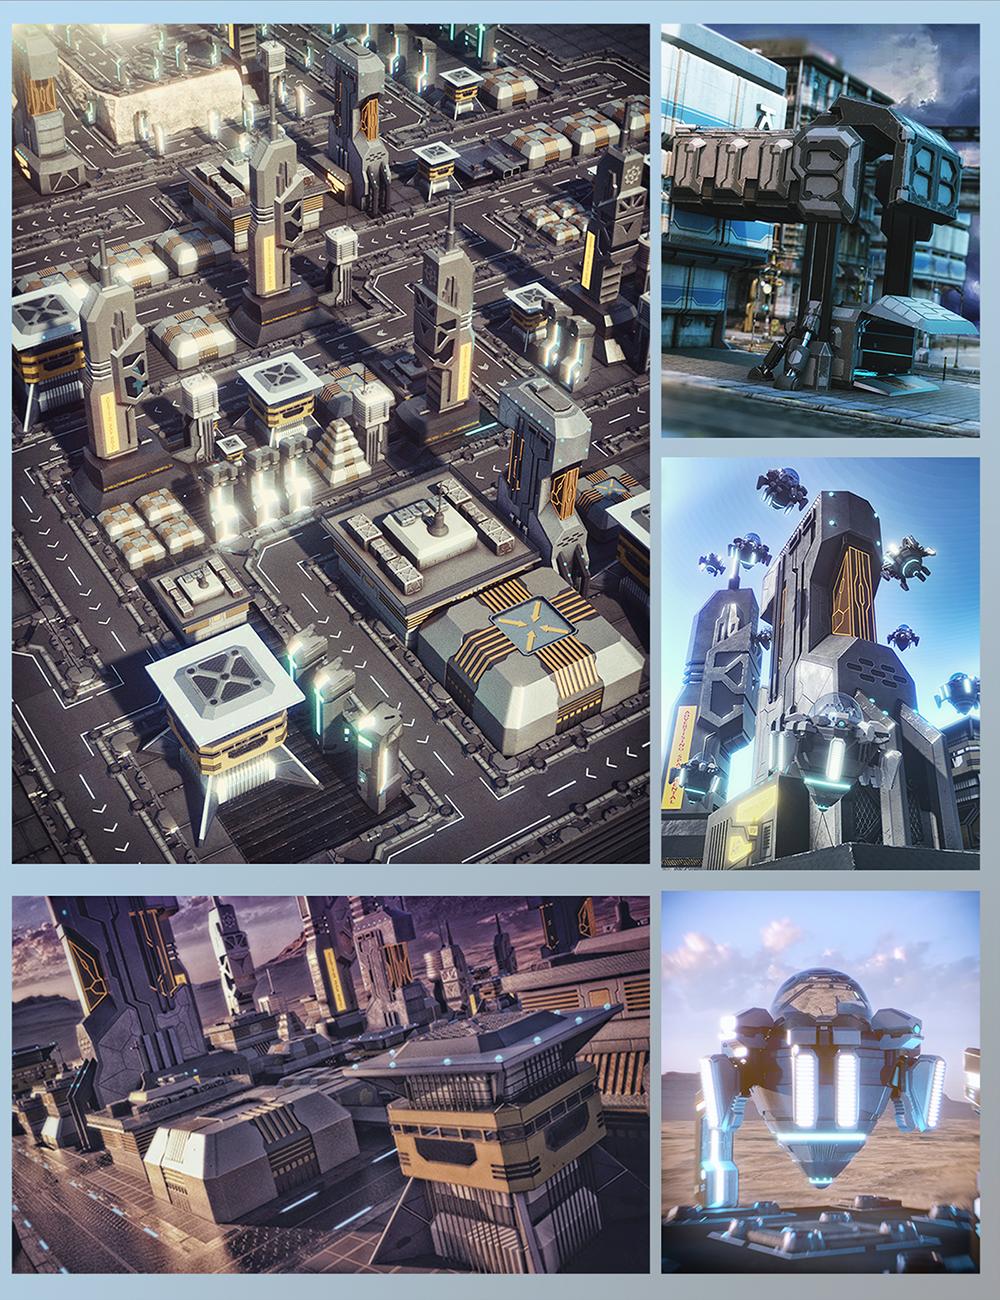 X-BIT Future Space City Bundle by: X-BIT, 3D Models by Daz 3D